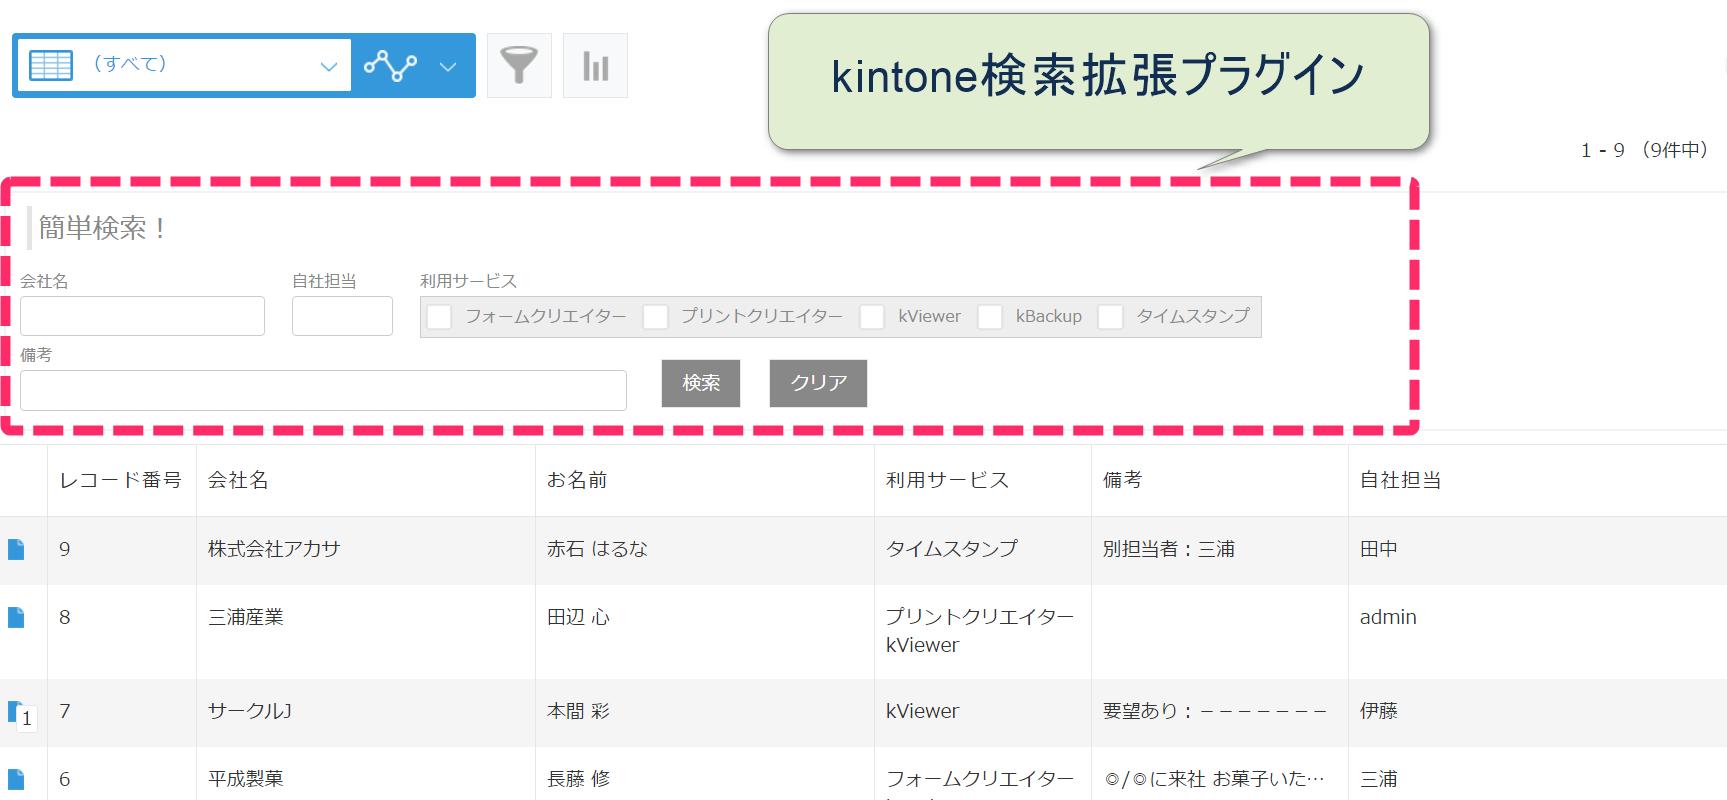 kintoneの検索が便利になる!検索拡張プラグインを使ってみた